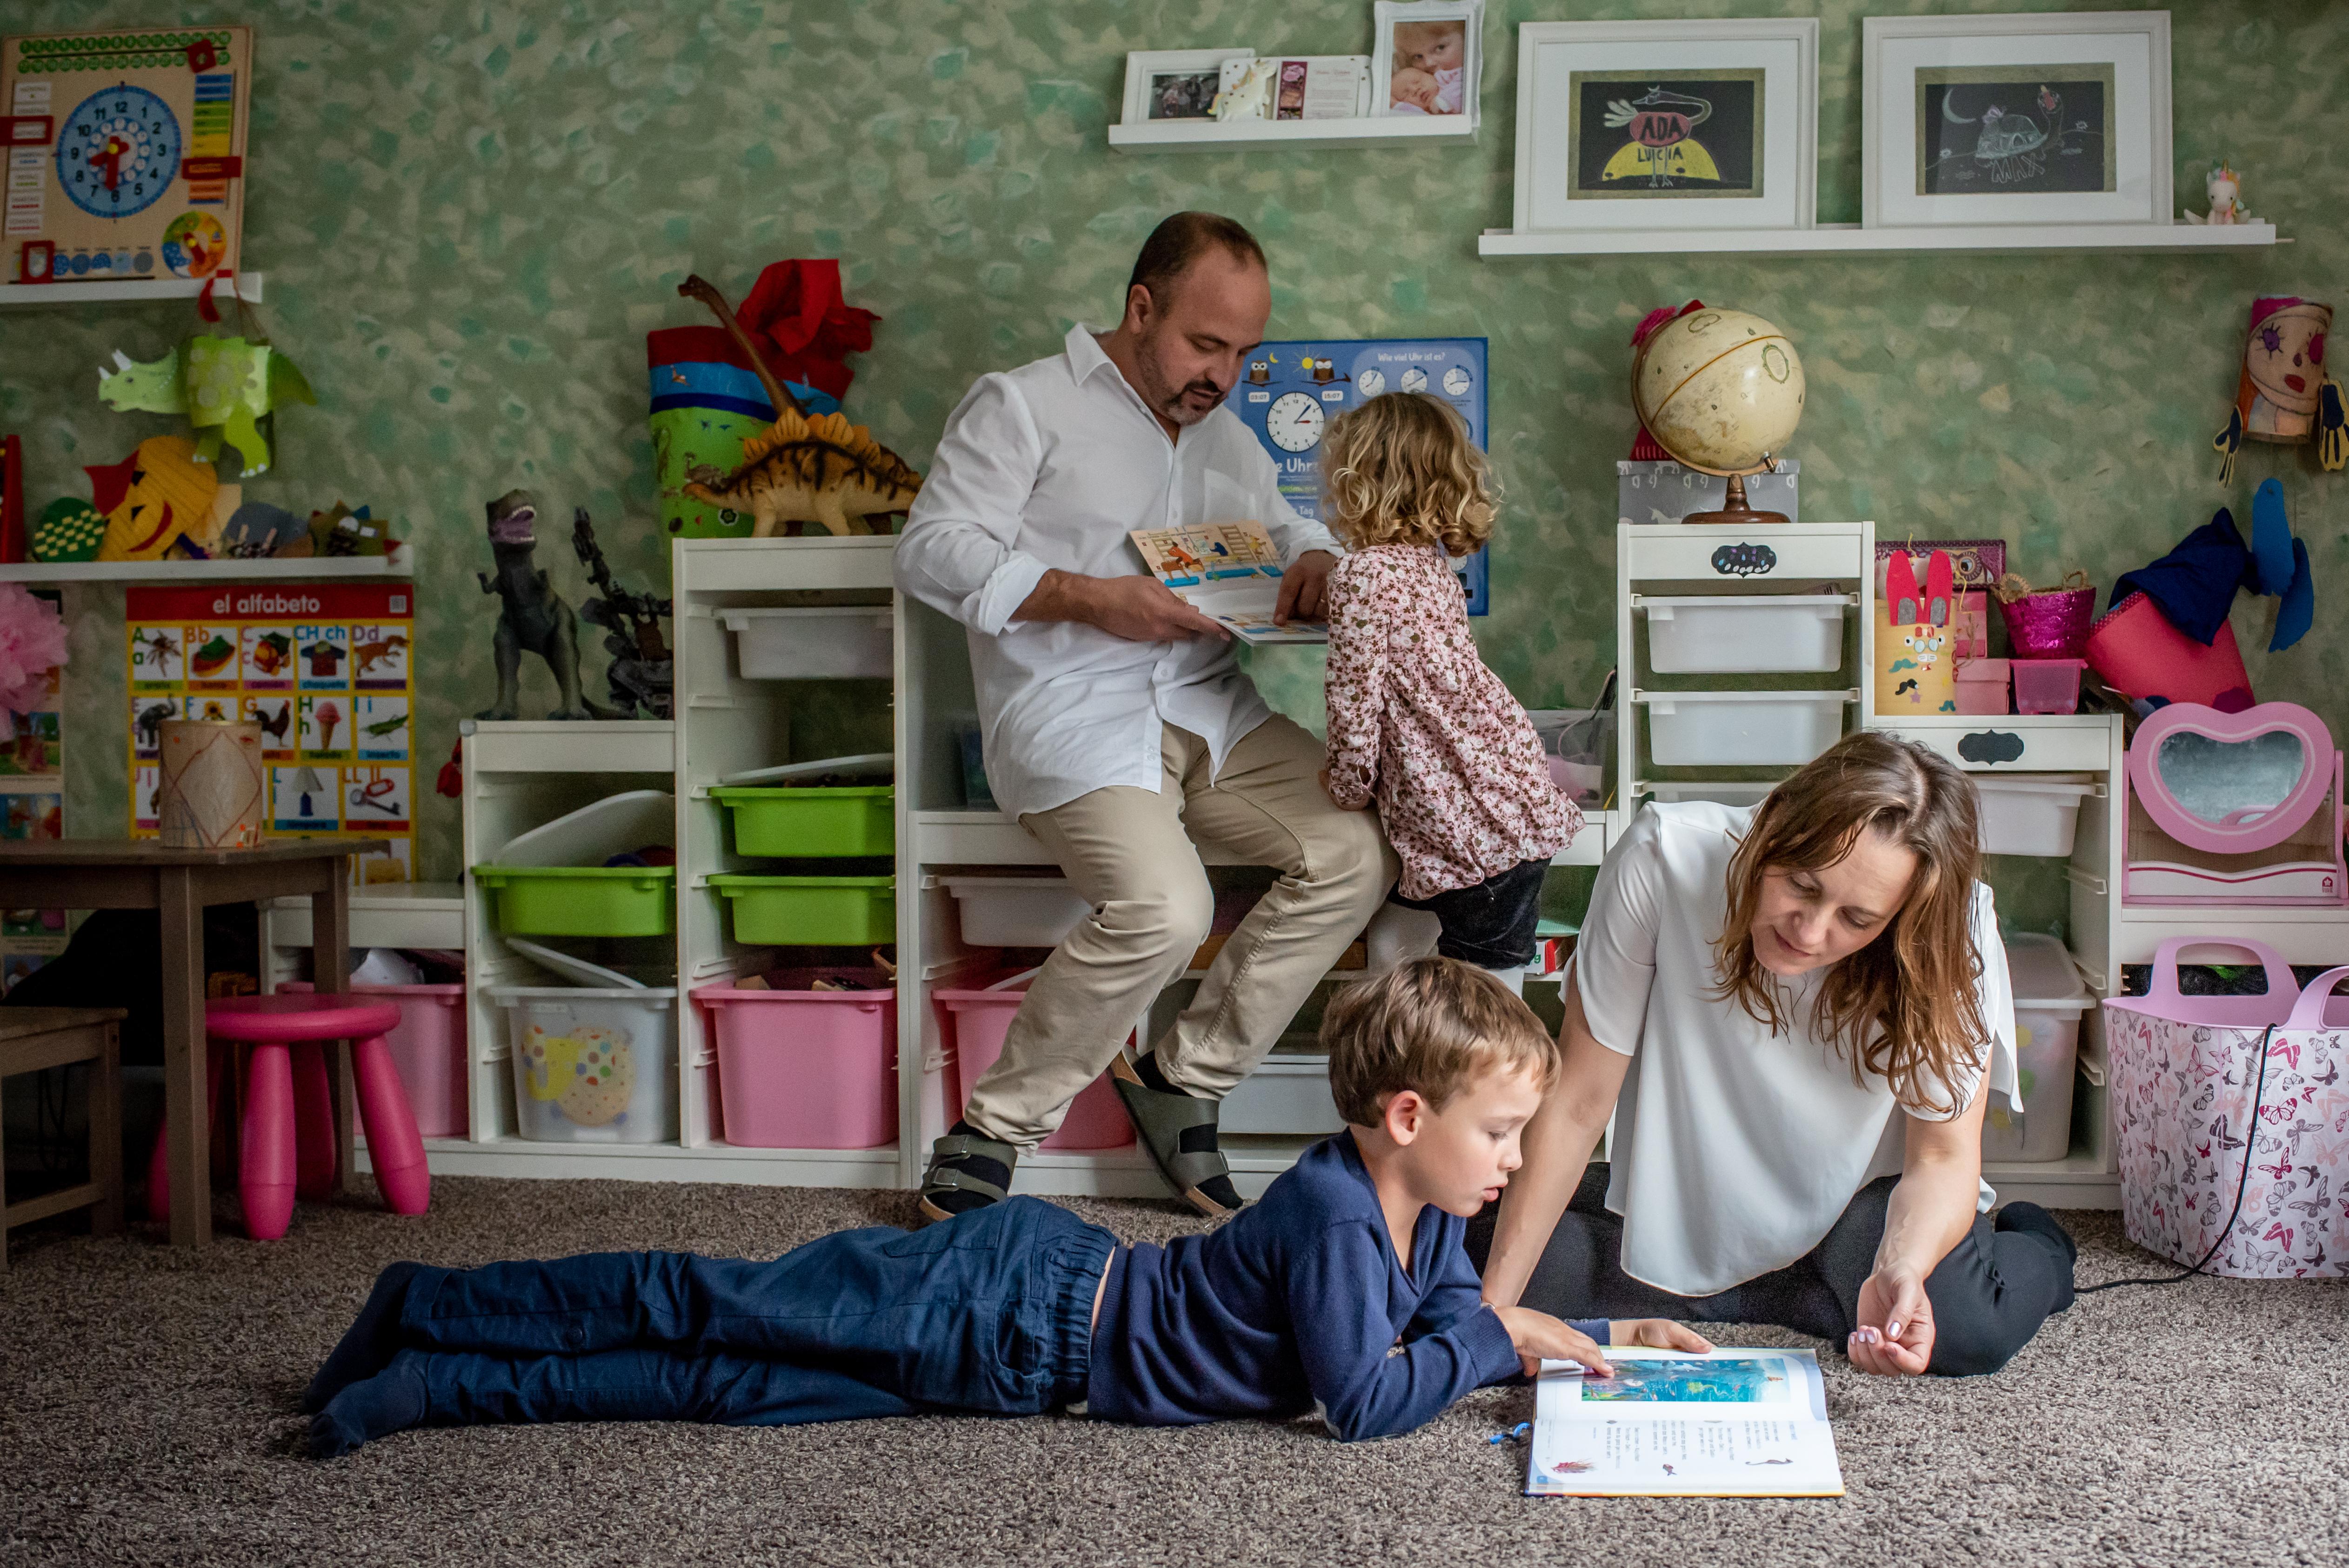 REPORTAJE DOCUMENTAL: Un día en familia